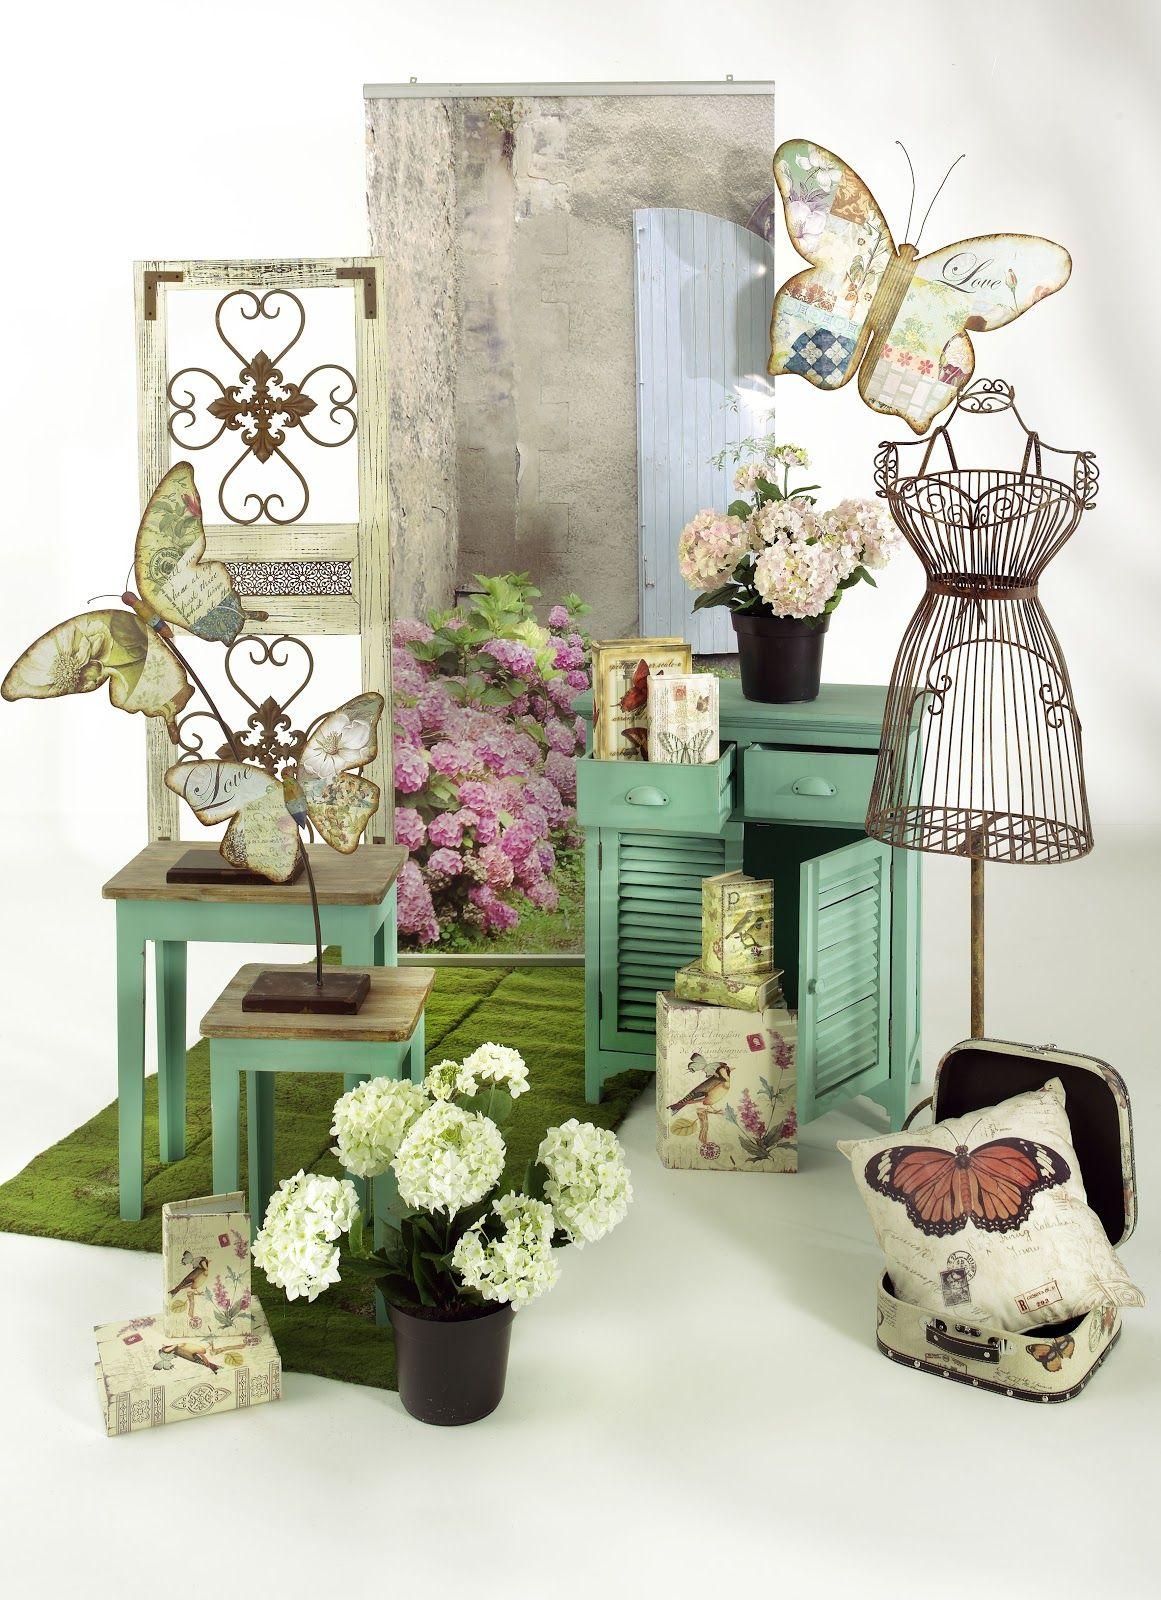 Idee vetrine primavera 2013 idee vetrina primavera 2013 pinterest vetrine primavera e vetrina - Idee per vetrine primaverili ...